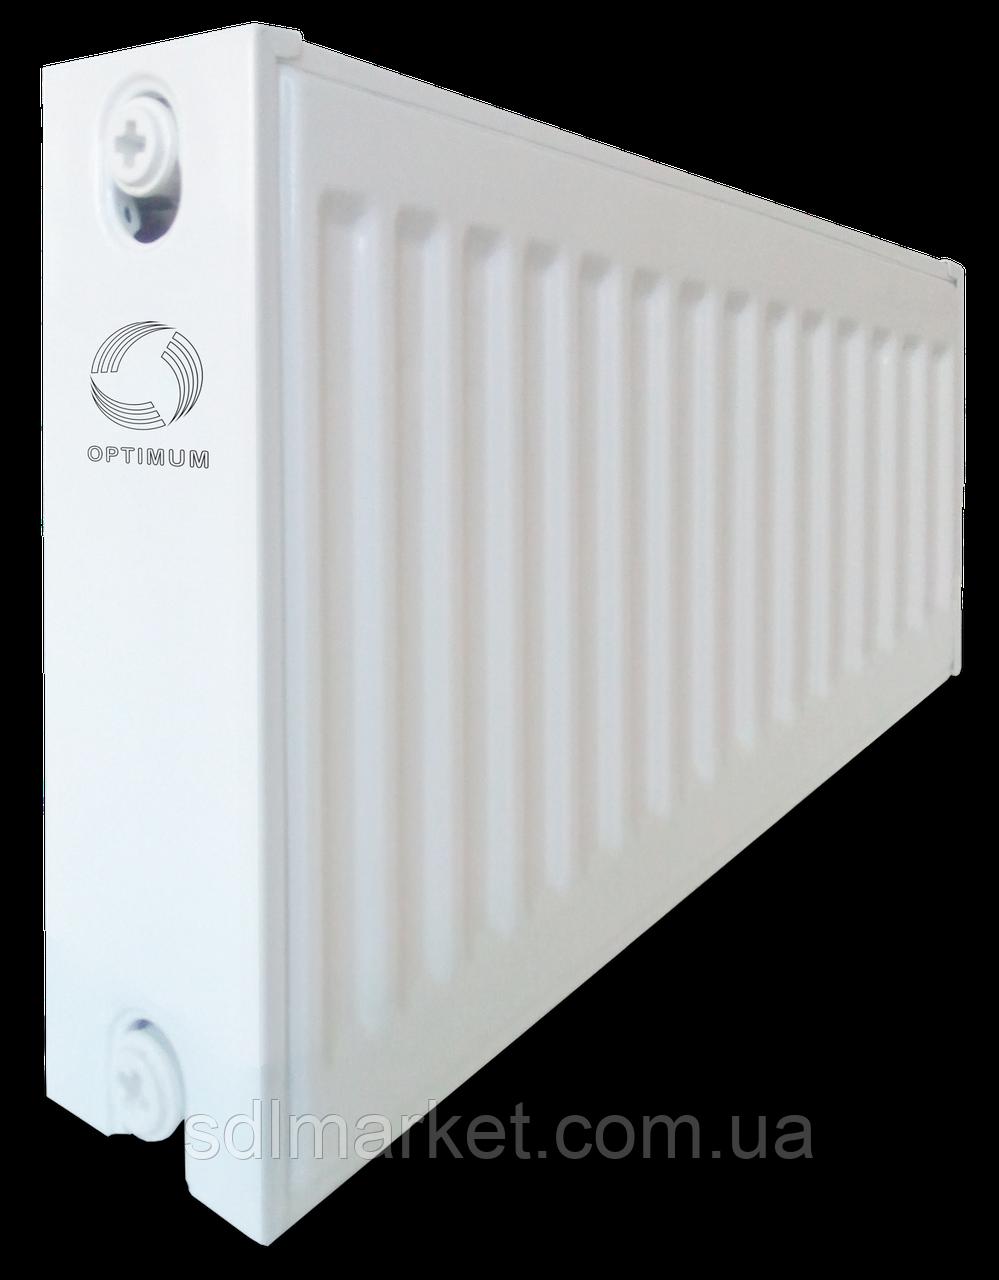 Радиатор стальной панельный OPTIMUM 22 бок 300х1500